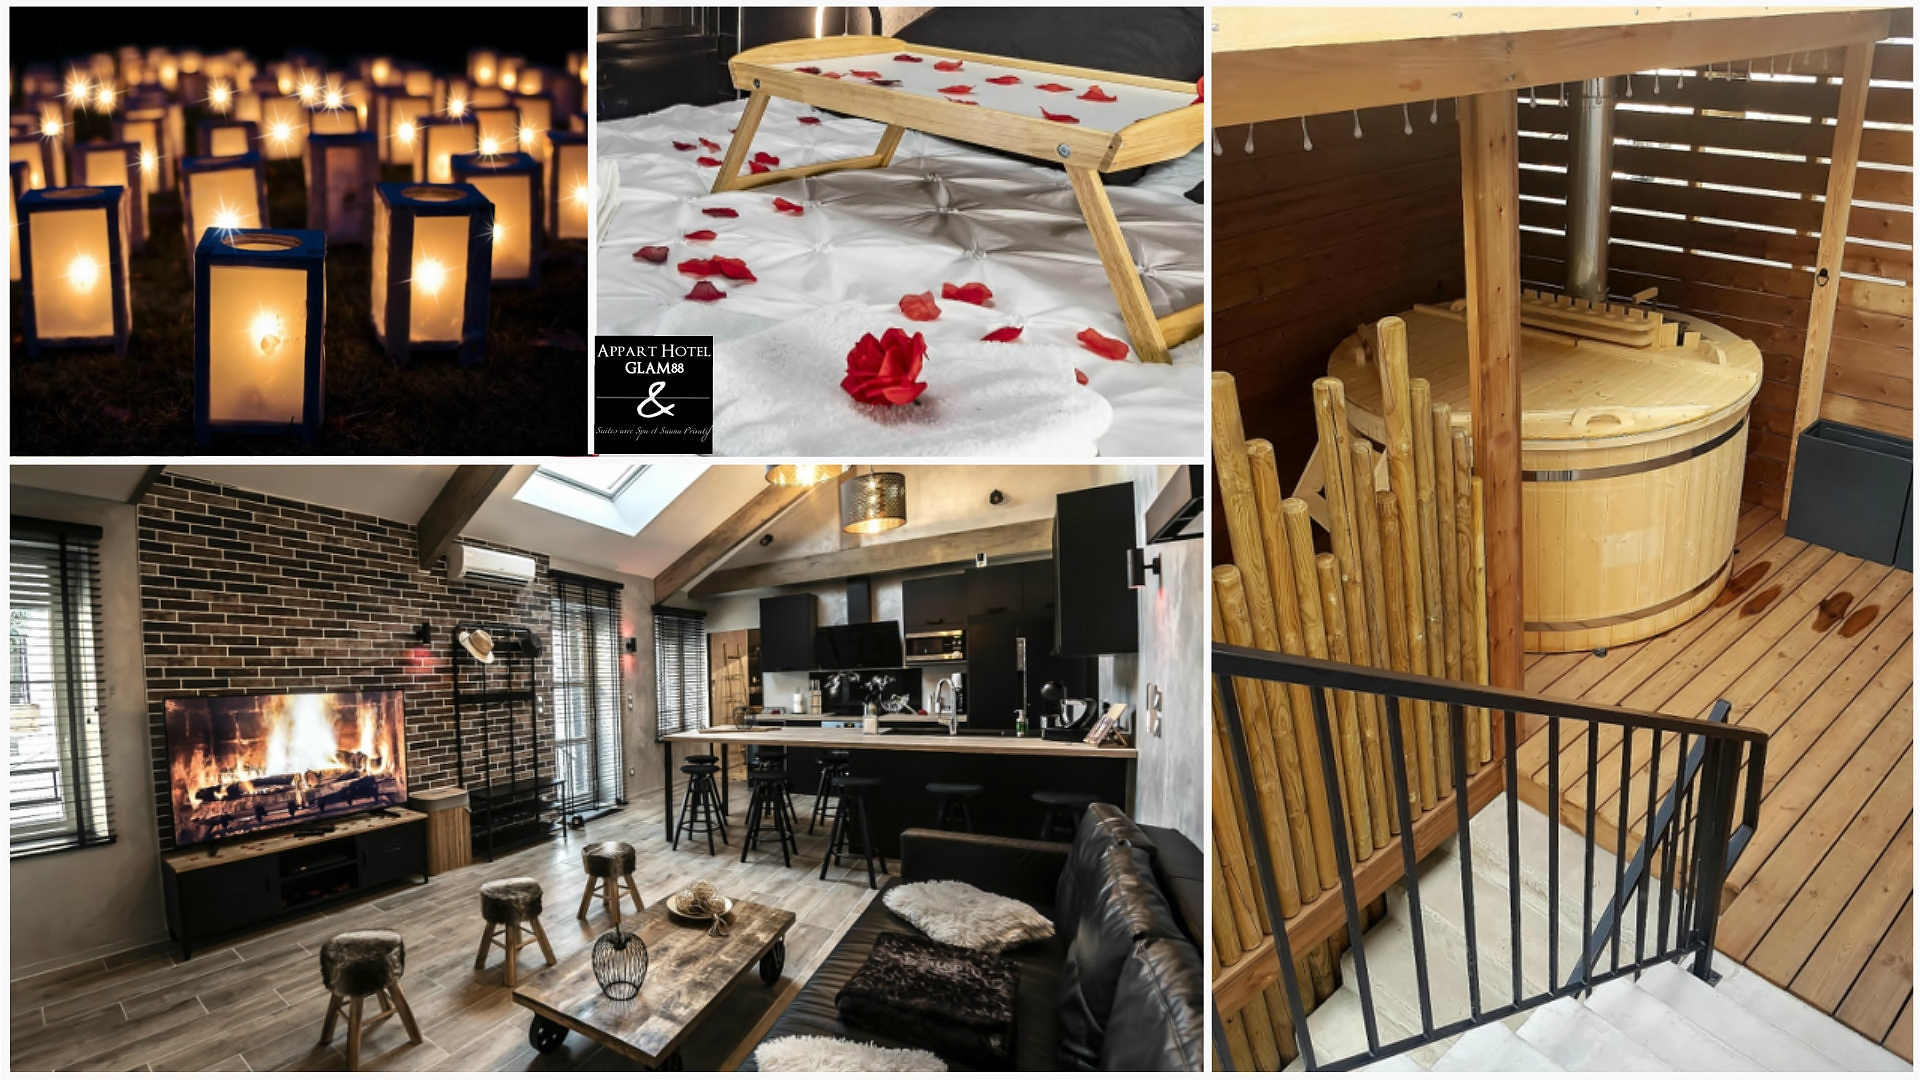 Séjour Cocooning - Bain Finlandais LE LOFT Appart hotel Glam88 Vosges